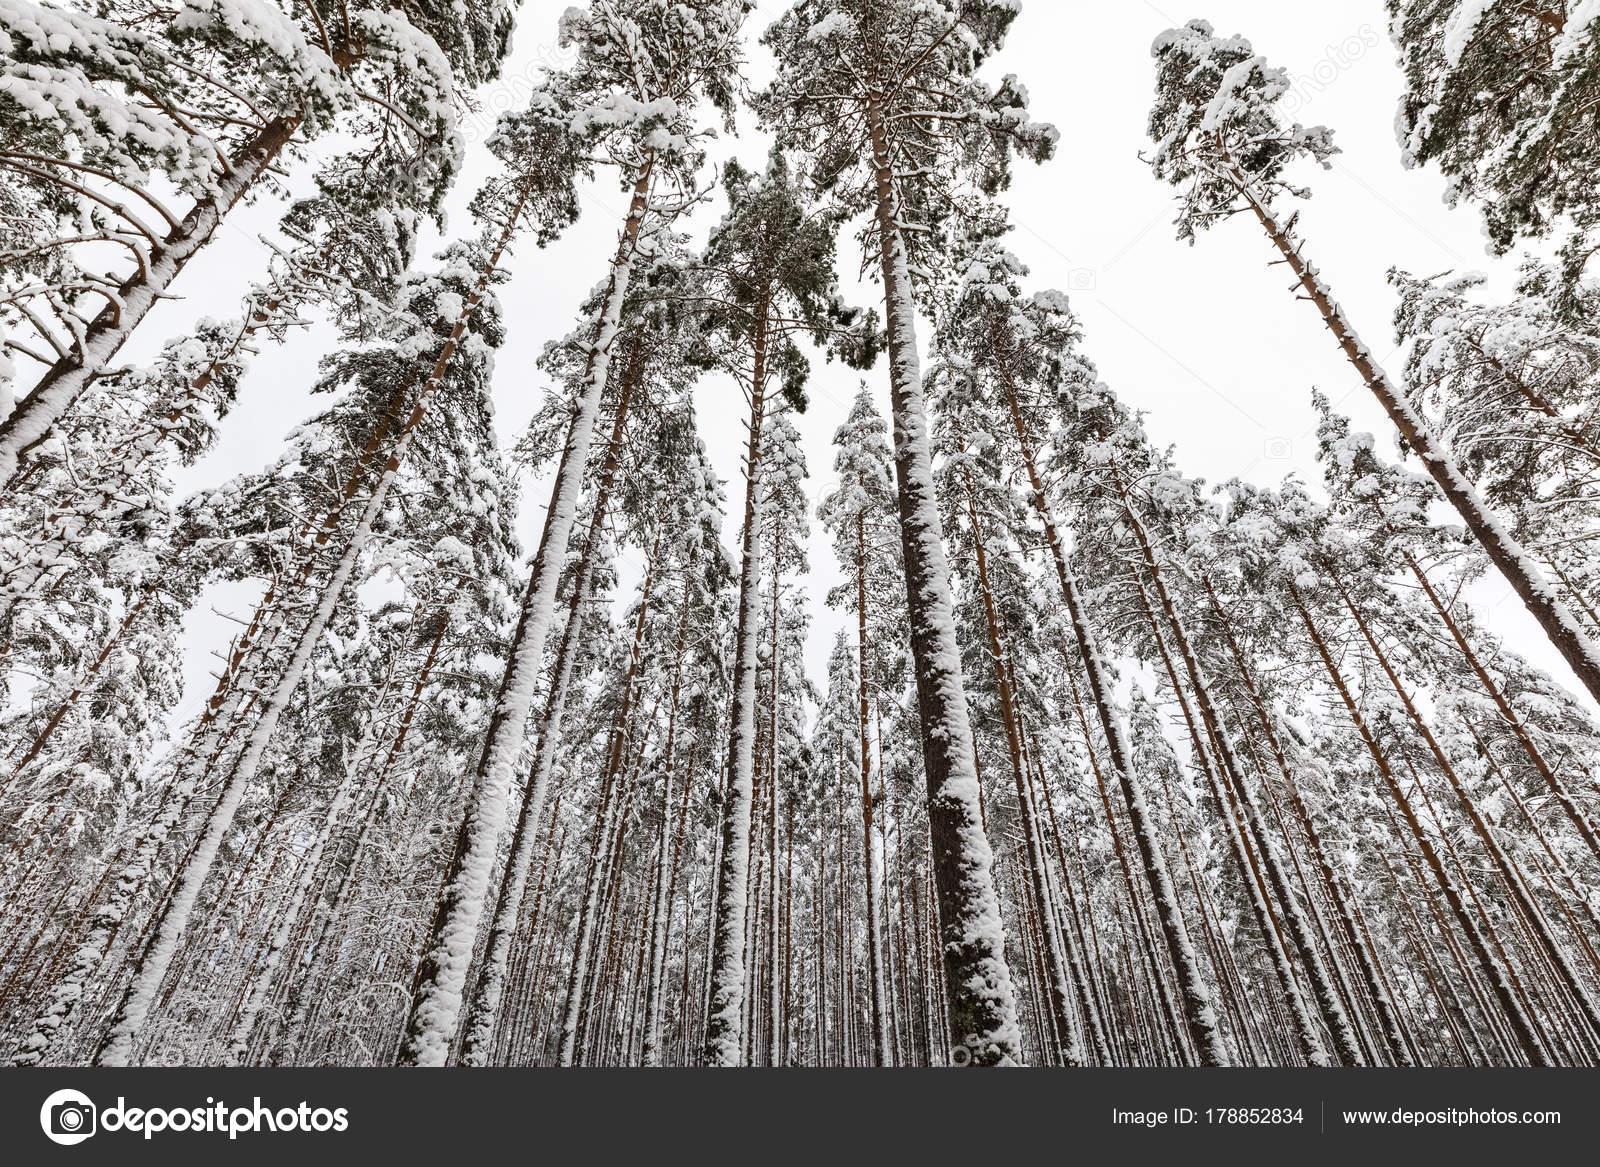 schneebedeckte skandinavischen pinienwald mit kiefer baum stielen pinus sylvestris stockfoto. Black Bedroom Furniture Sets. Home Design Ideas